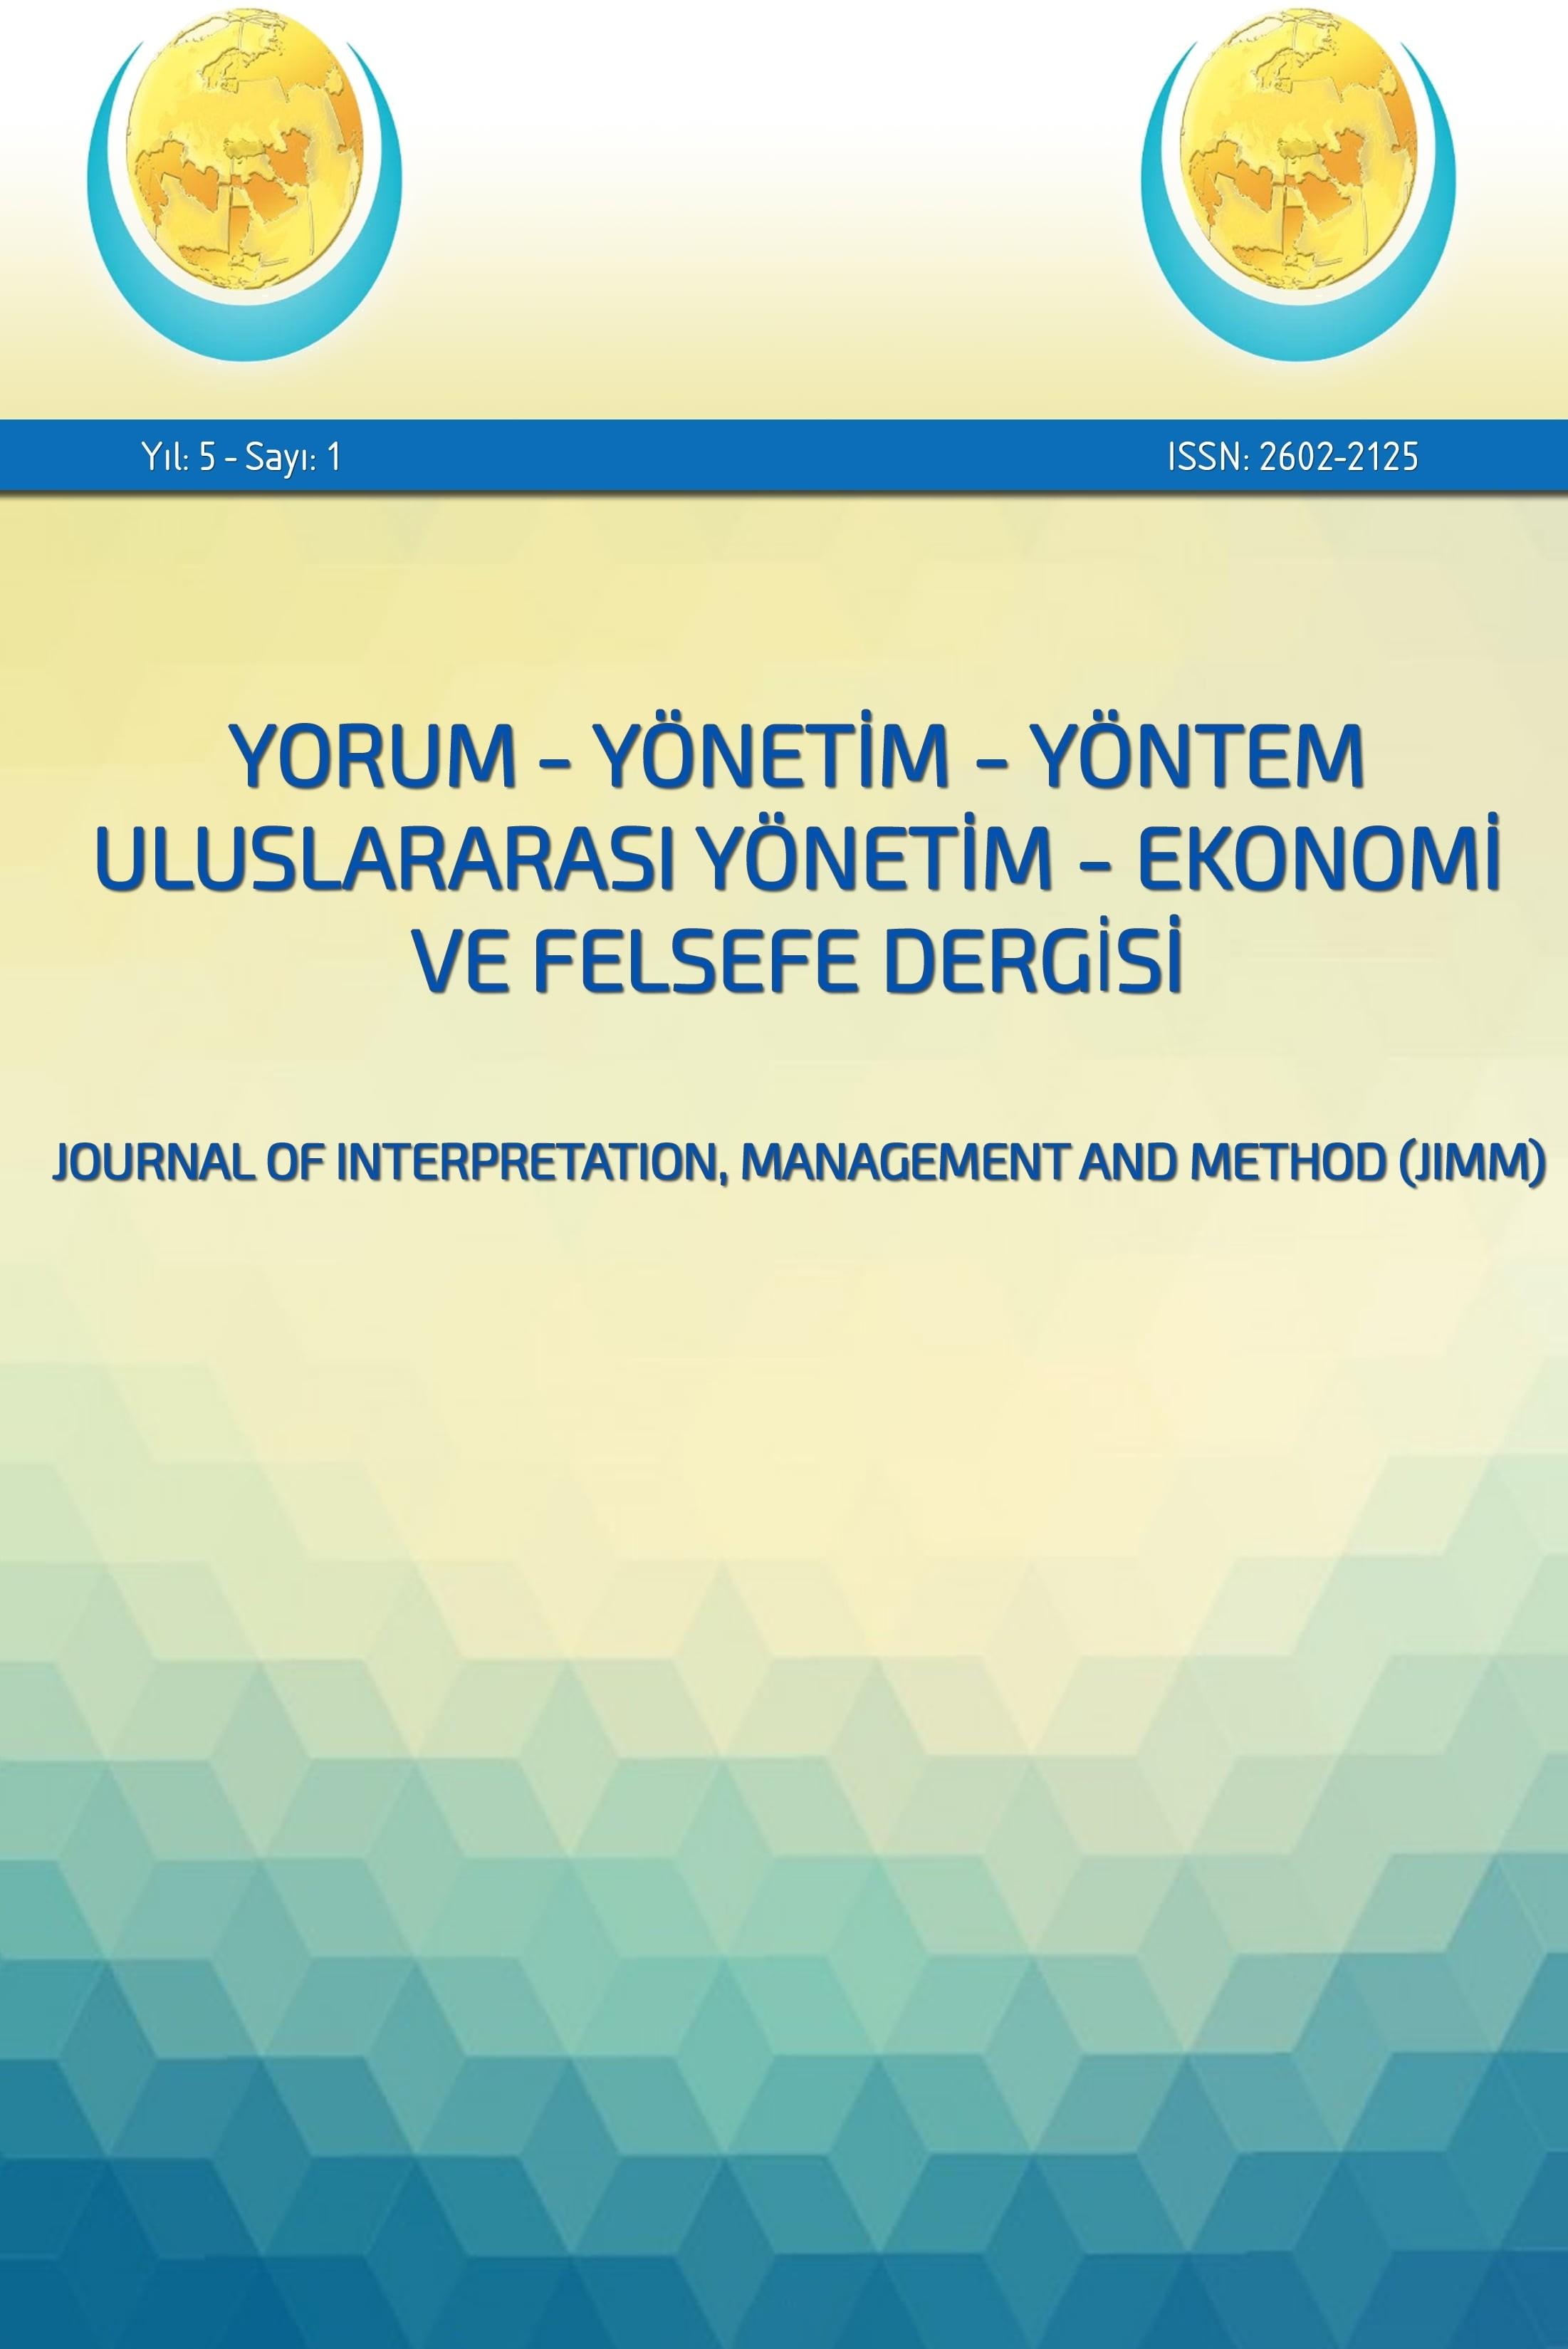 Yorum Yönetim Yöntem Uluslararası Yönetim Ekonomi ve Felsefe Dergisi